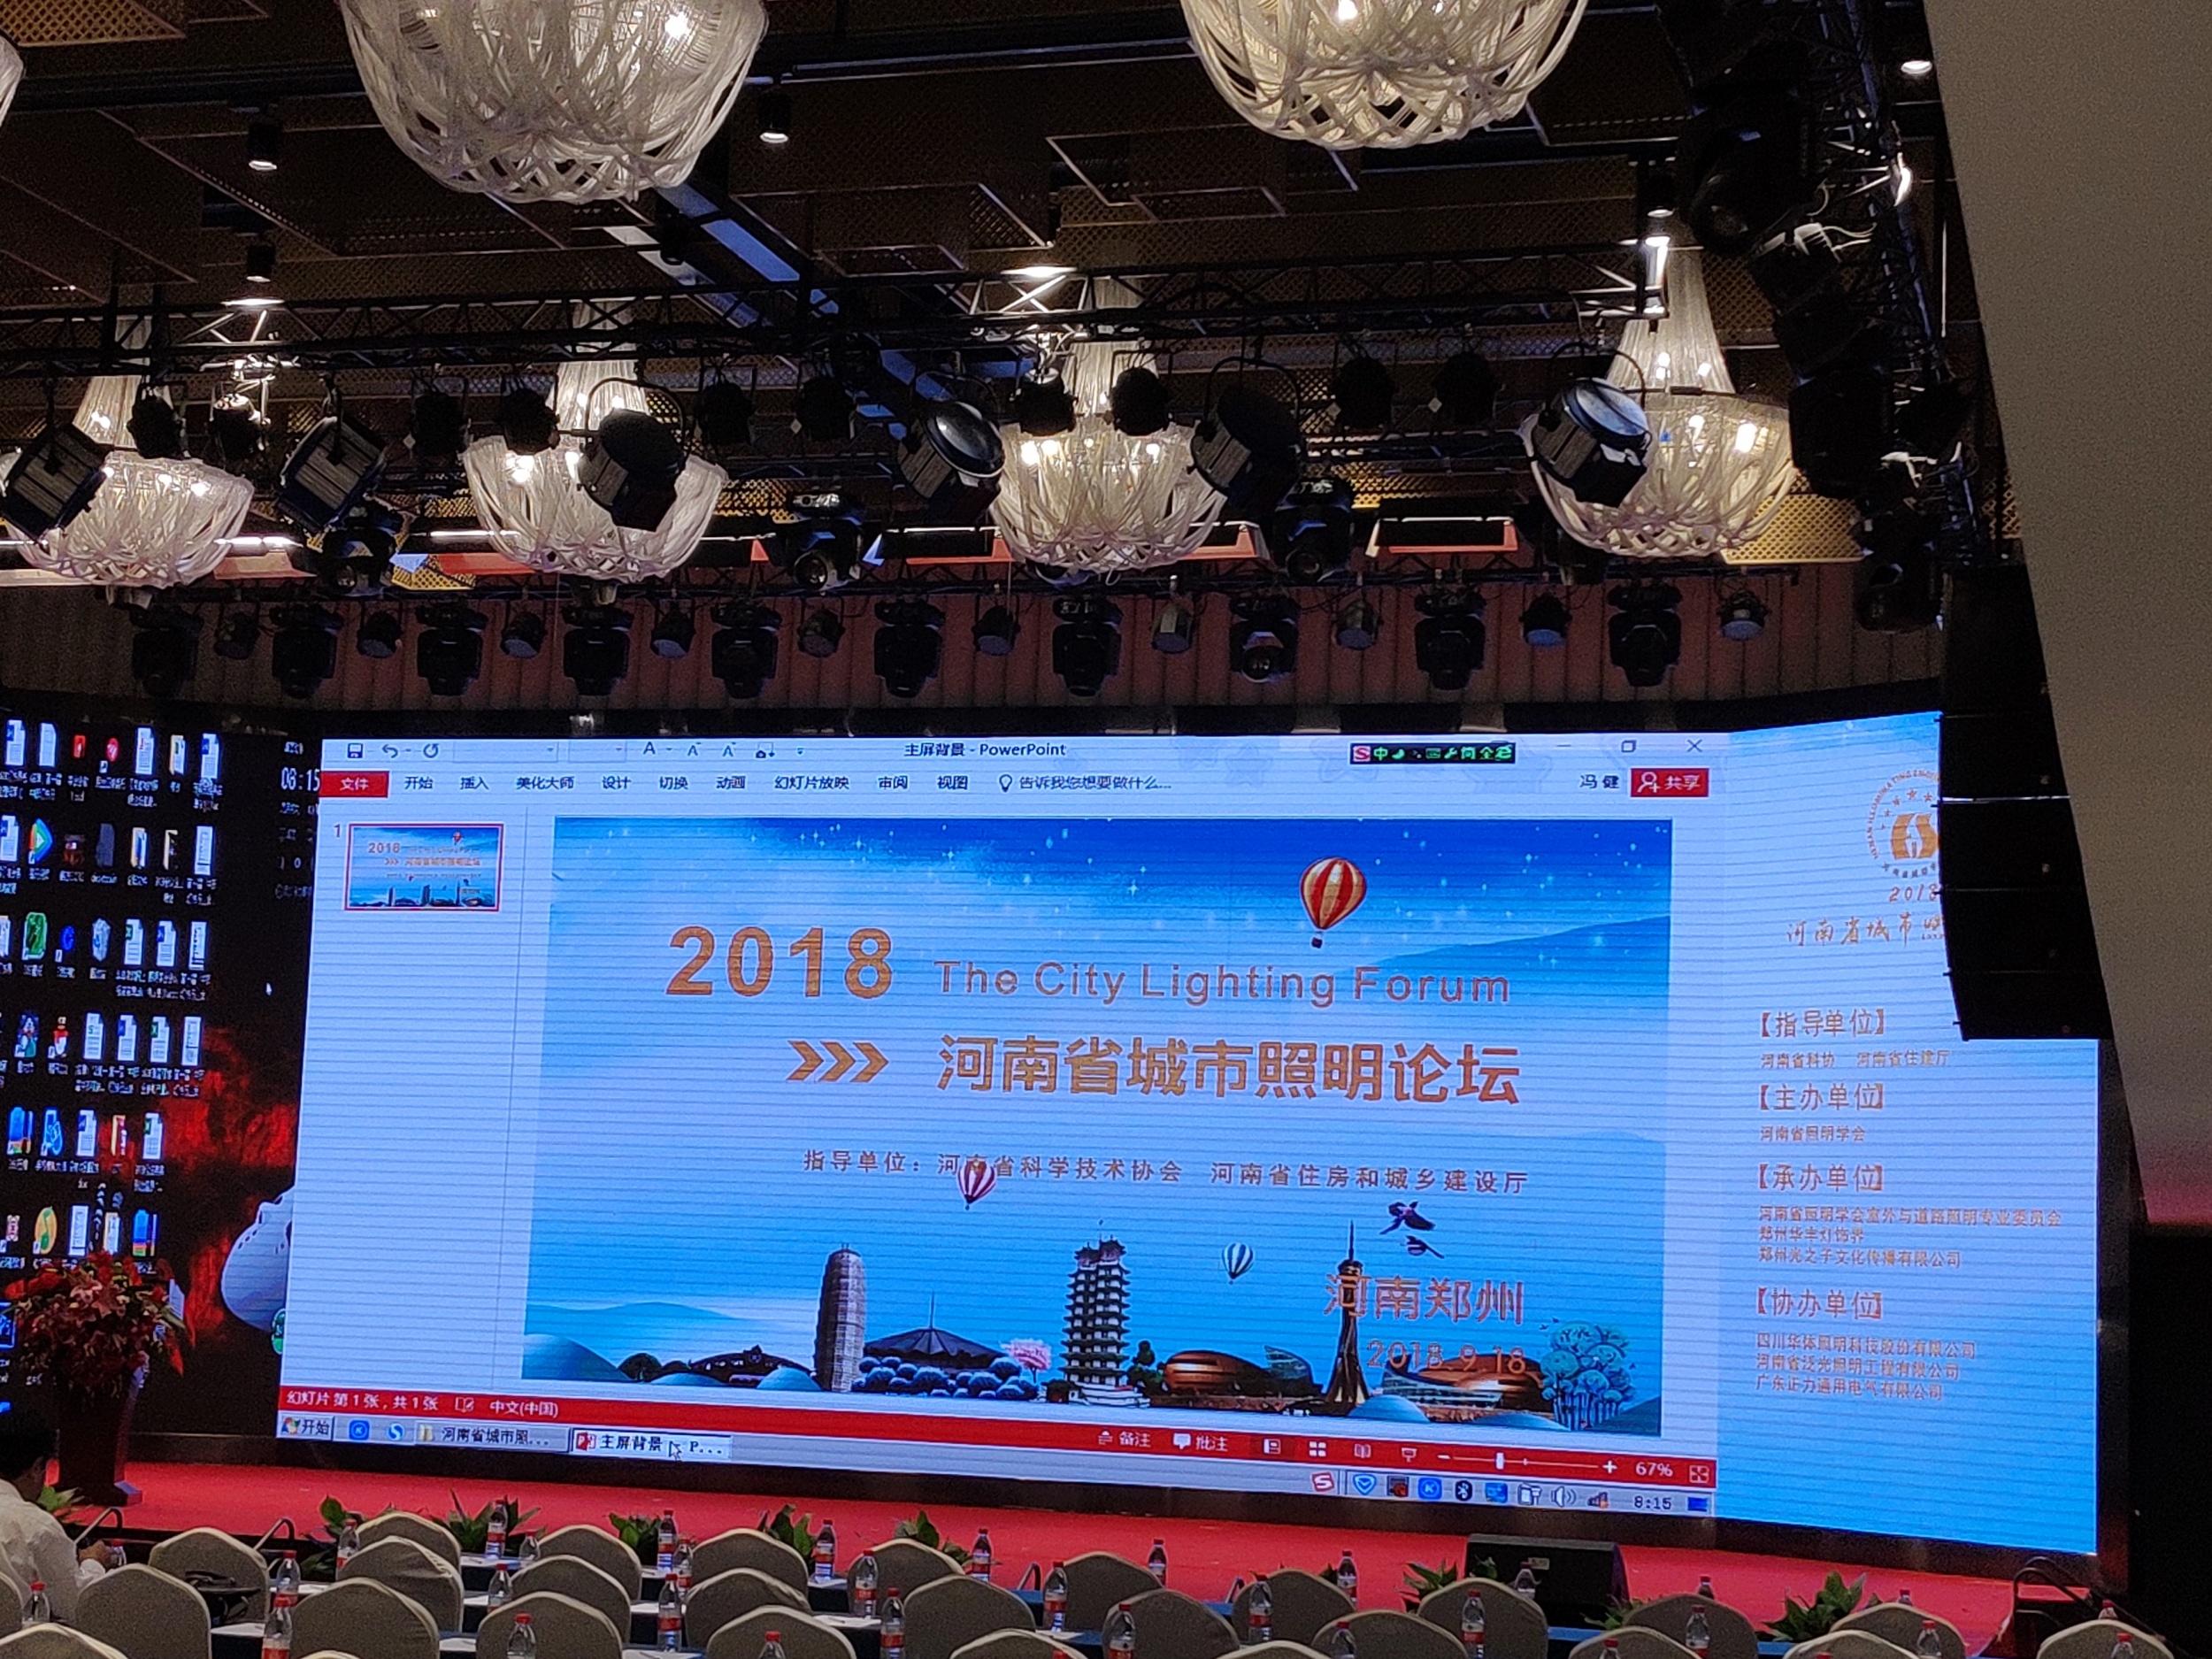 我司參加2018年河南省城市照明論壇